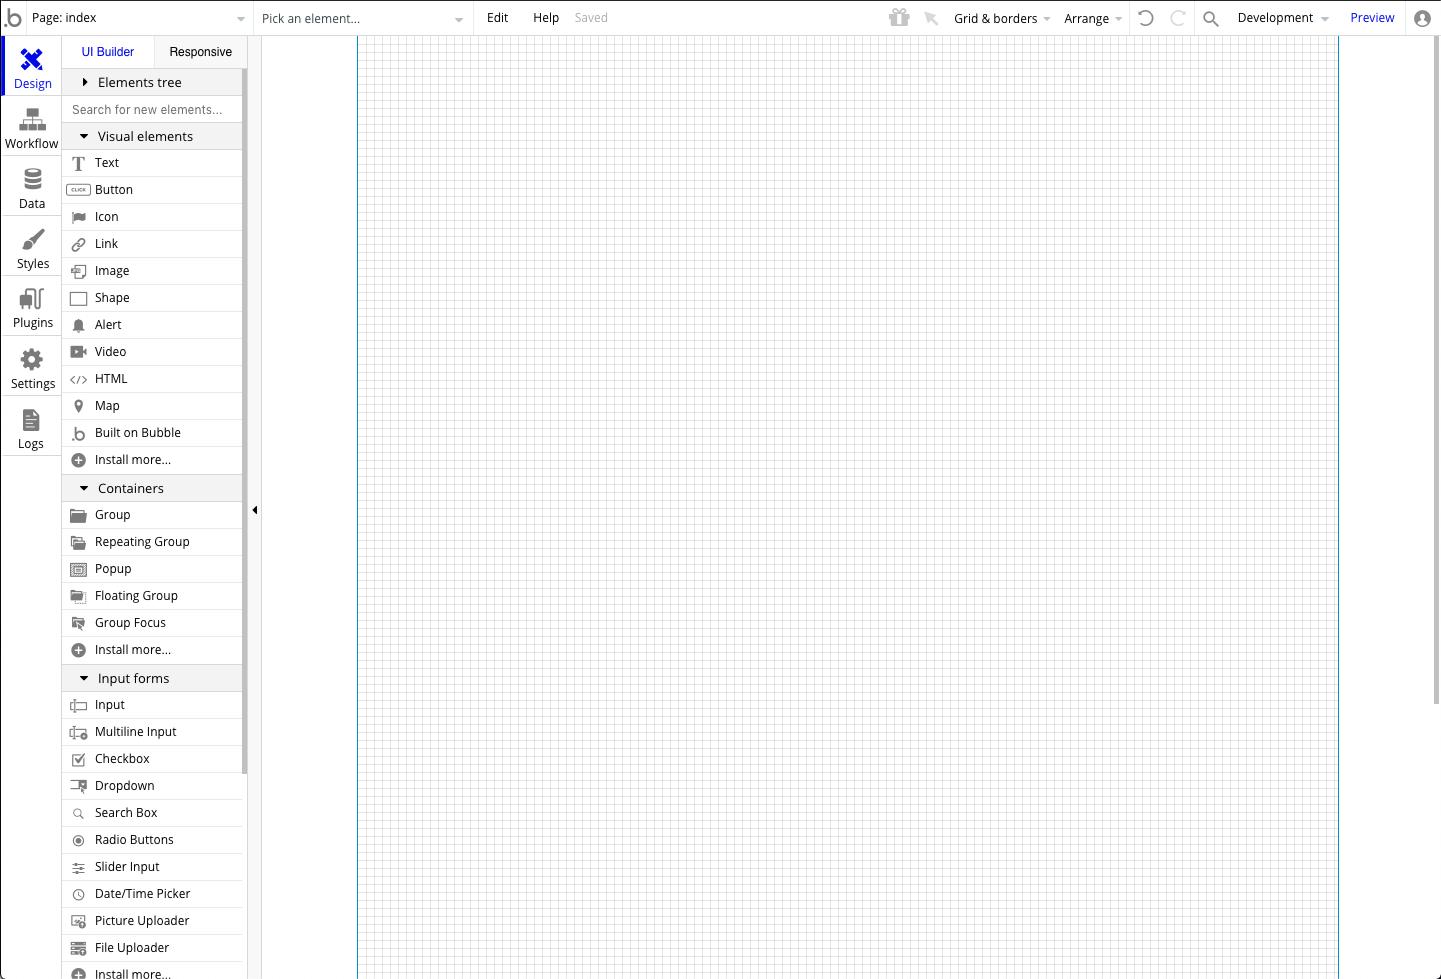 スクリーンショット 2019-07-12 17.15.10.png (124.8 kB)